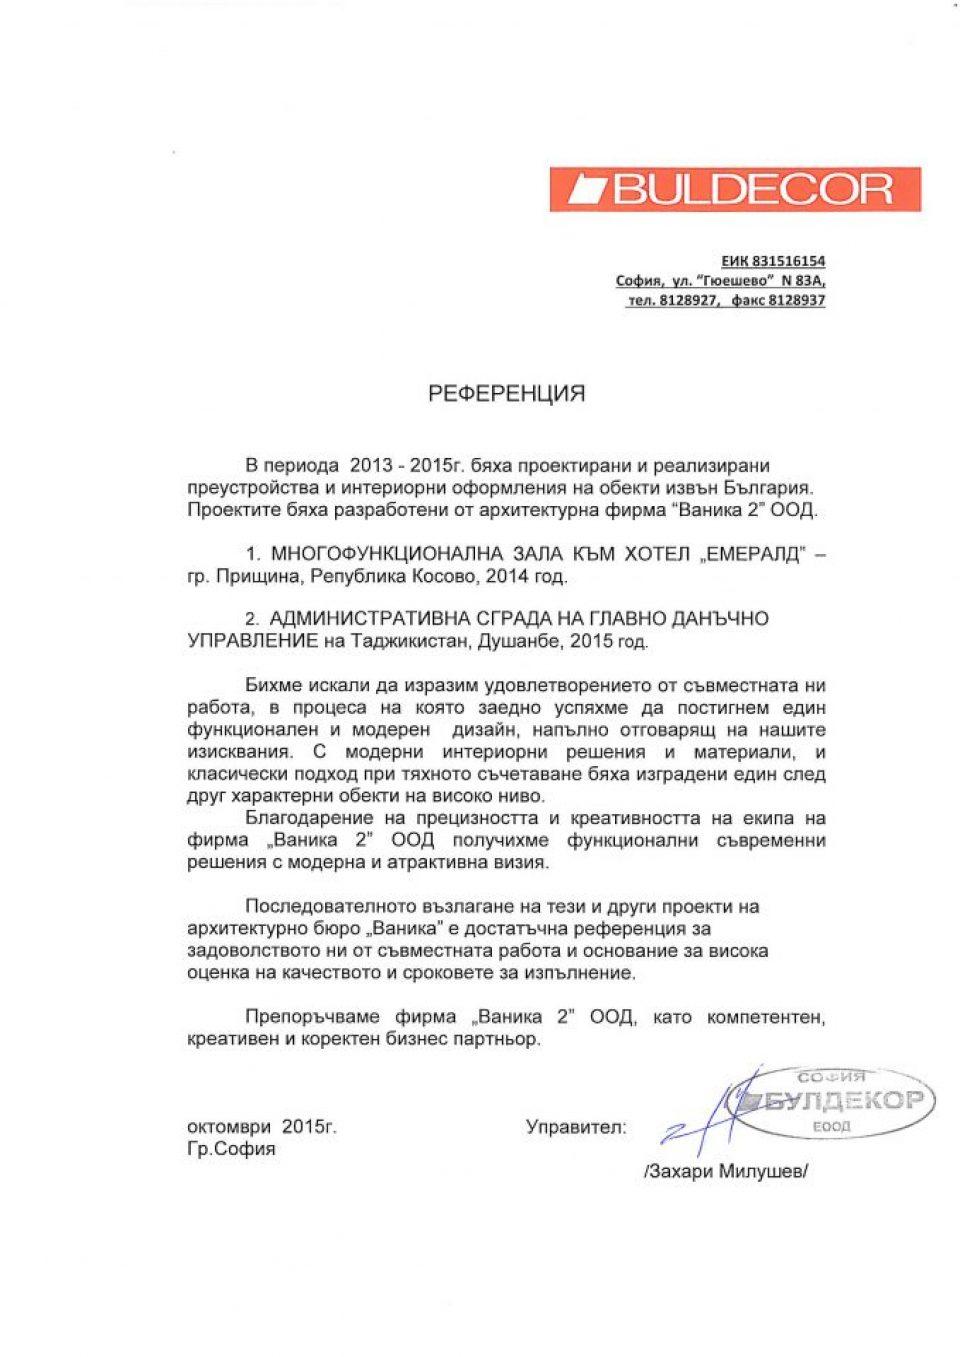 Булдекор ЕООД